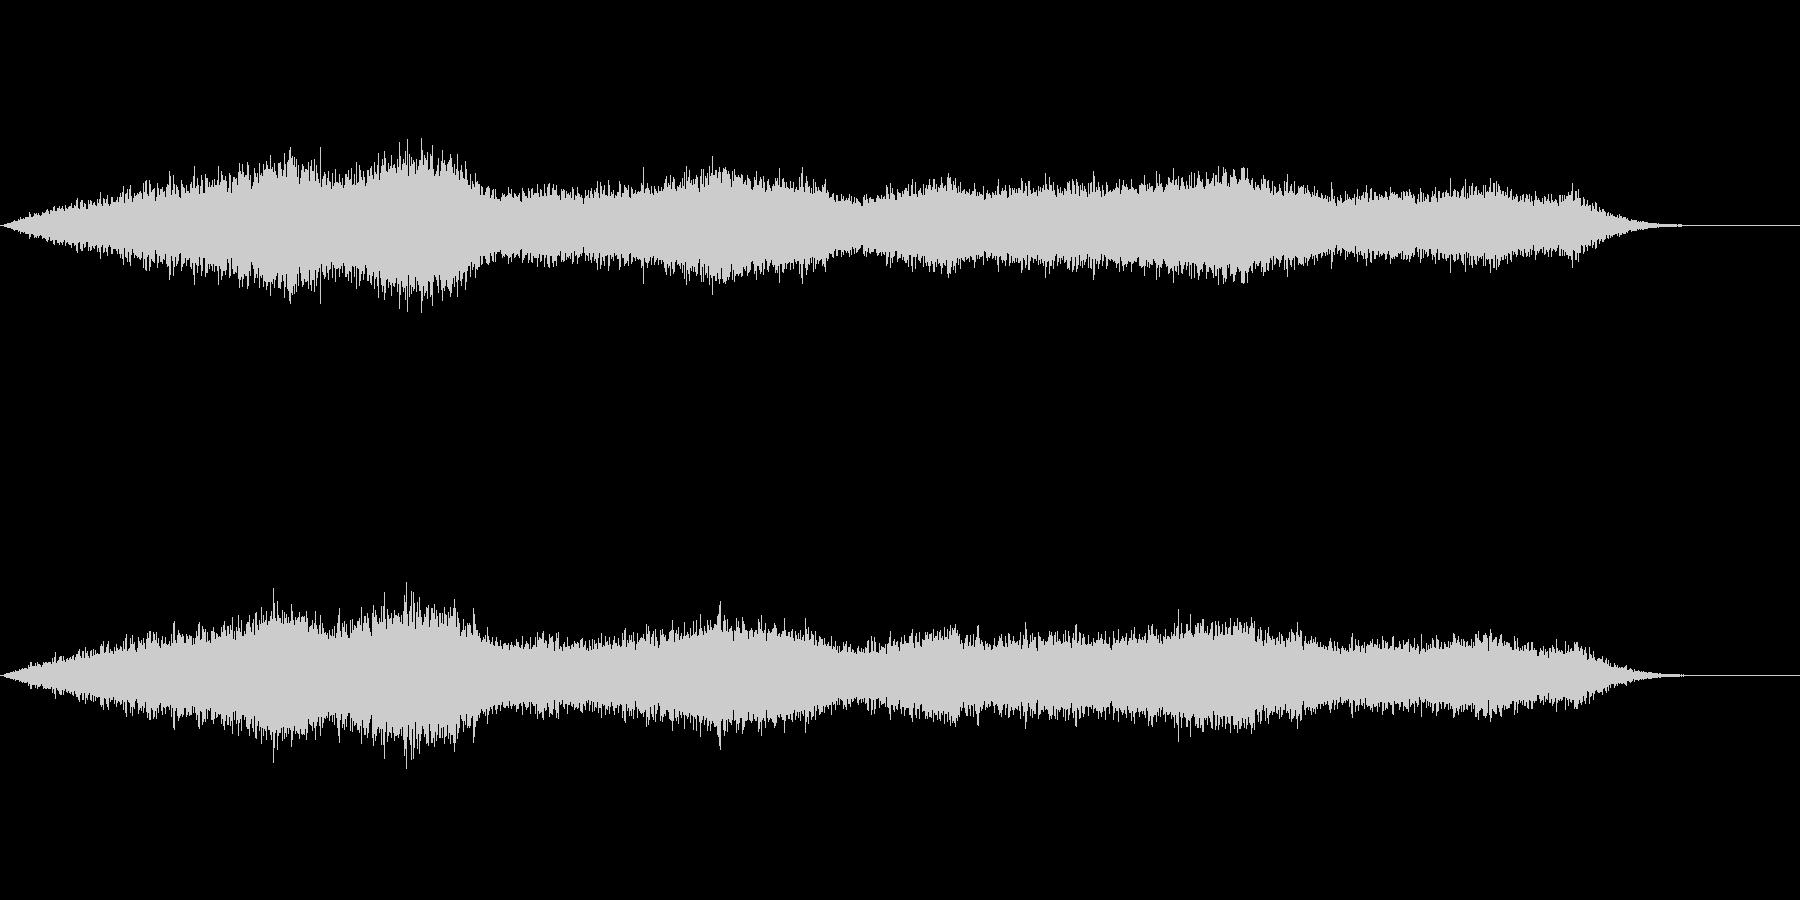 雨の音(ロングバージョン)の未再生の波形